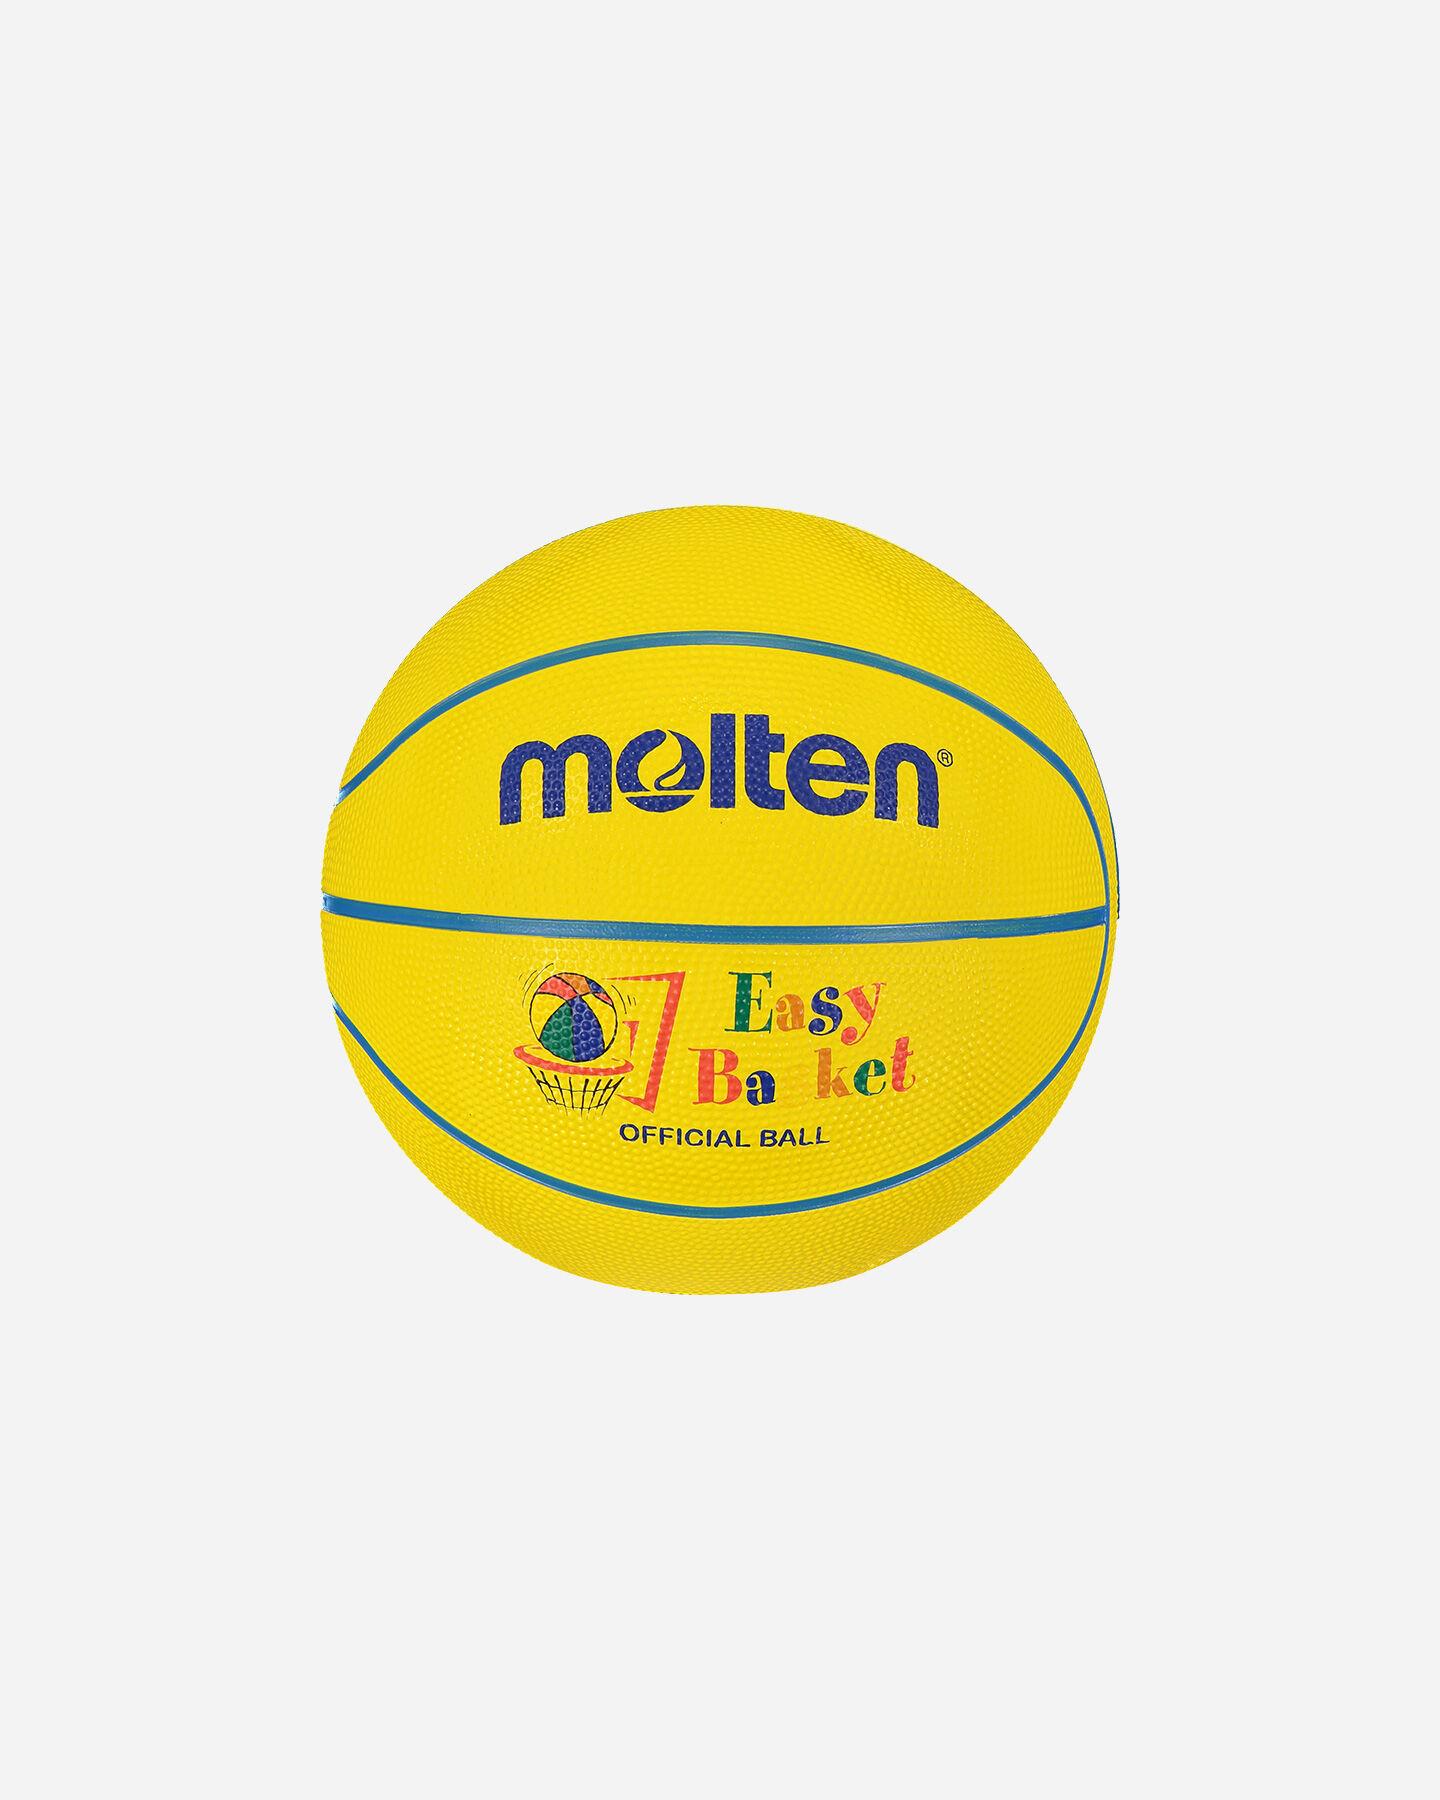 Pallone basket MOLTEN EASY BASKET S1262942|1|UNI scatto 0